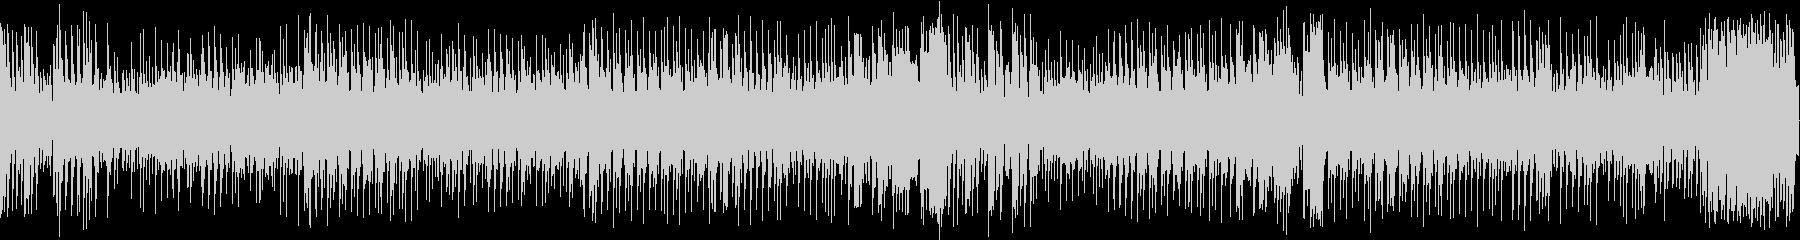 8bit 爽快なダークファンタジーBGMの未再生の波形